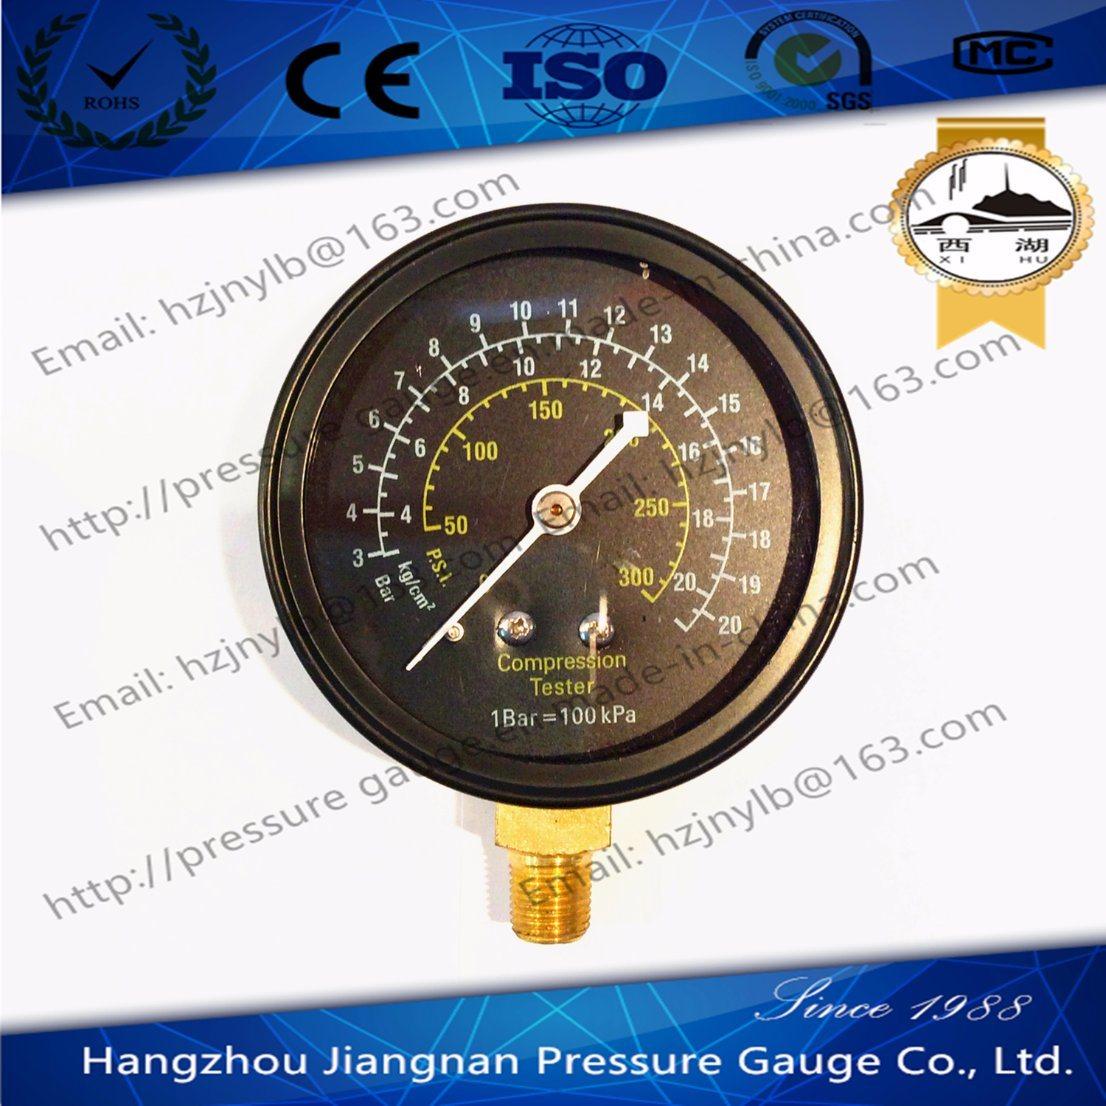 70mm Black Dial General Pressure Gauge for Compression Tester